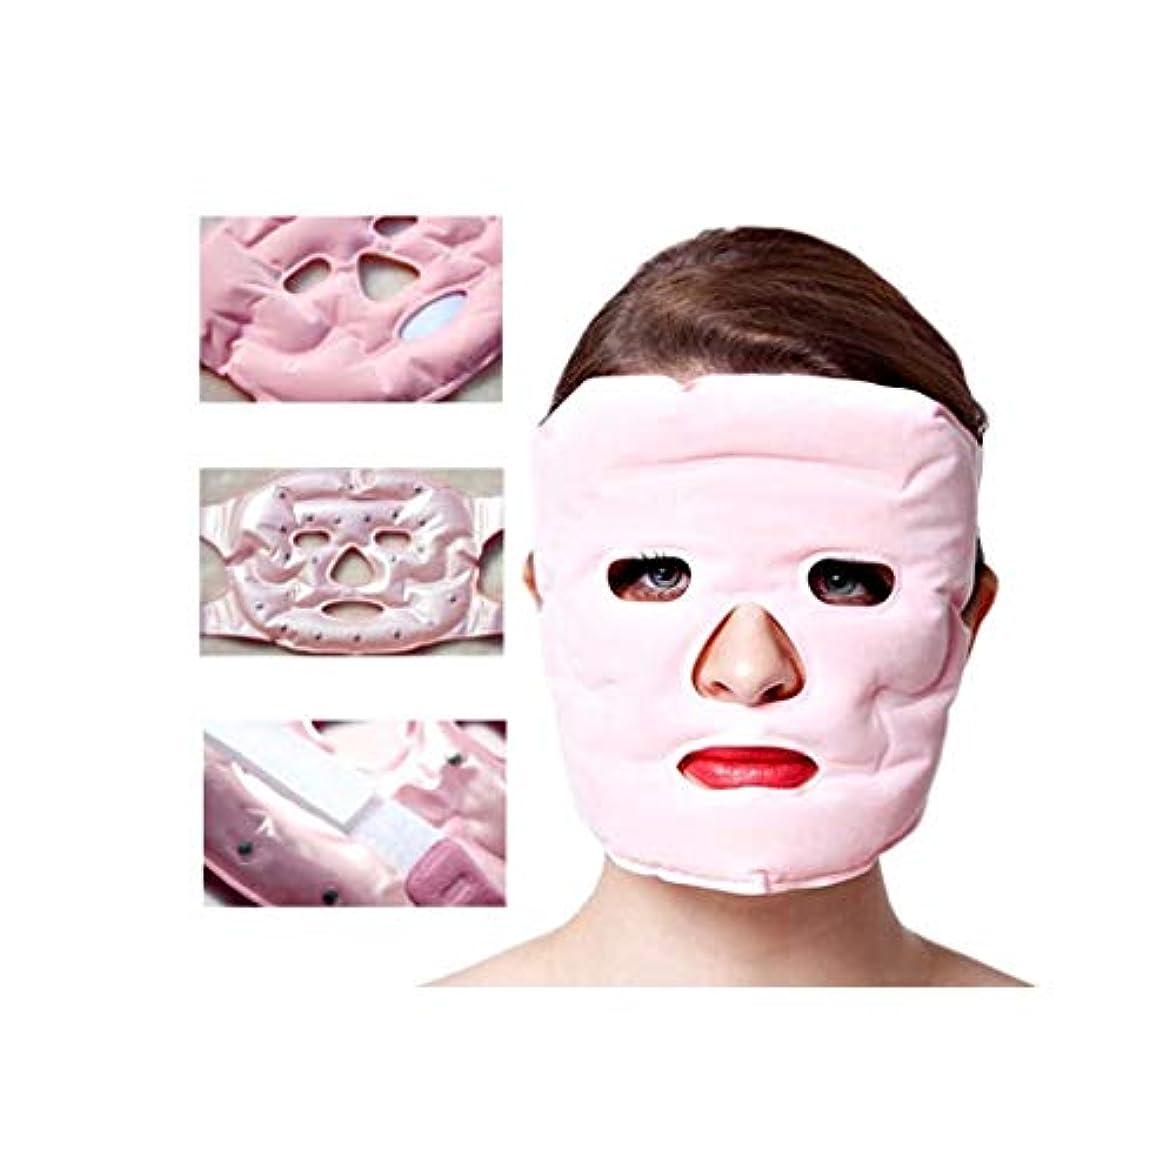 懐疑論位置づけるトークフェイシャルスリミング、Vフェイスマスク、フェイスリフティングビューティーマスク、磁気療法リフティングフェイス、肌の状態を改善するための肌の頬の引き締め